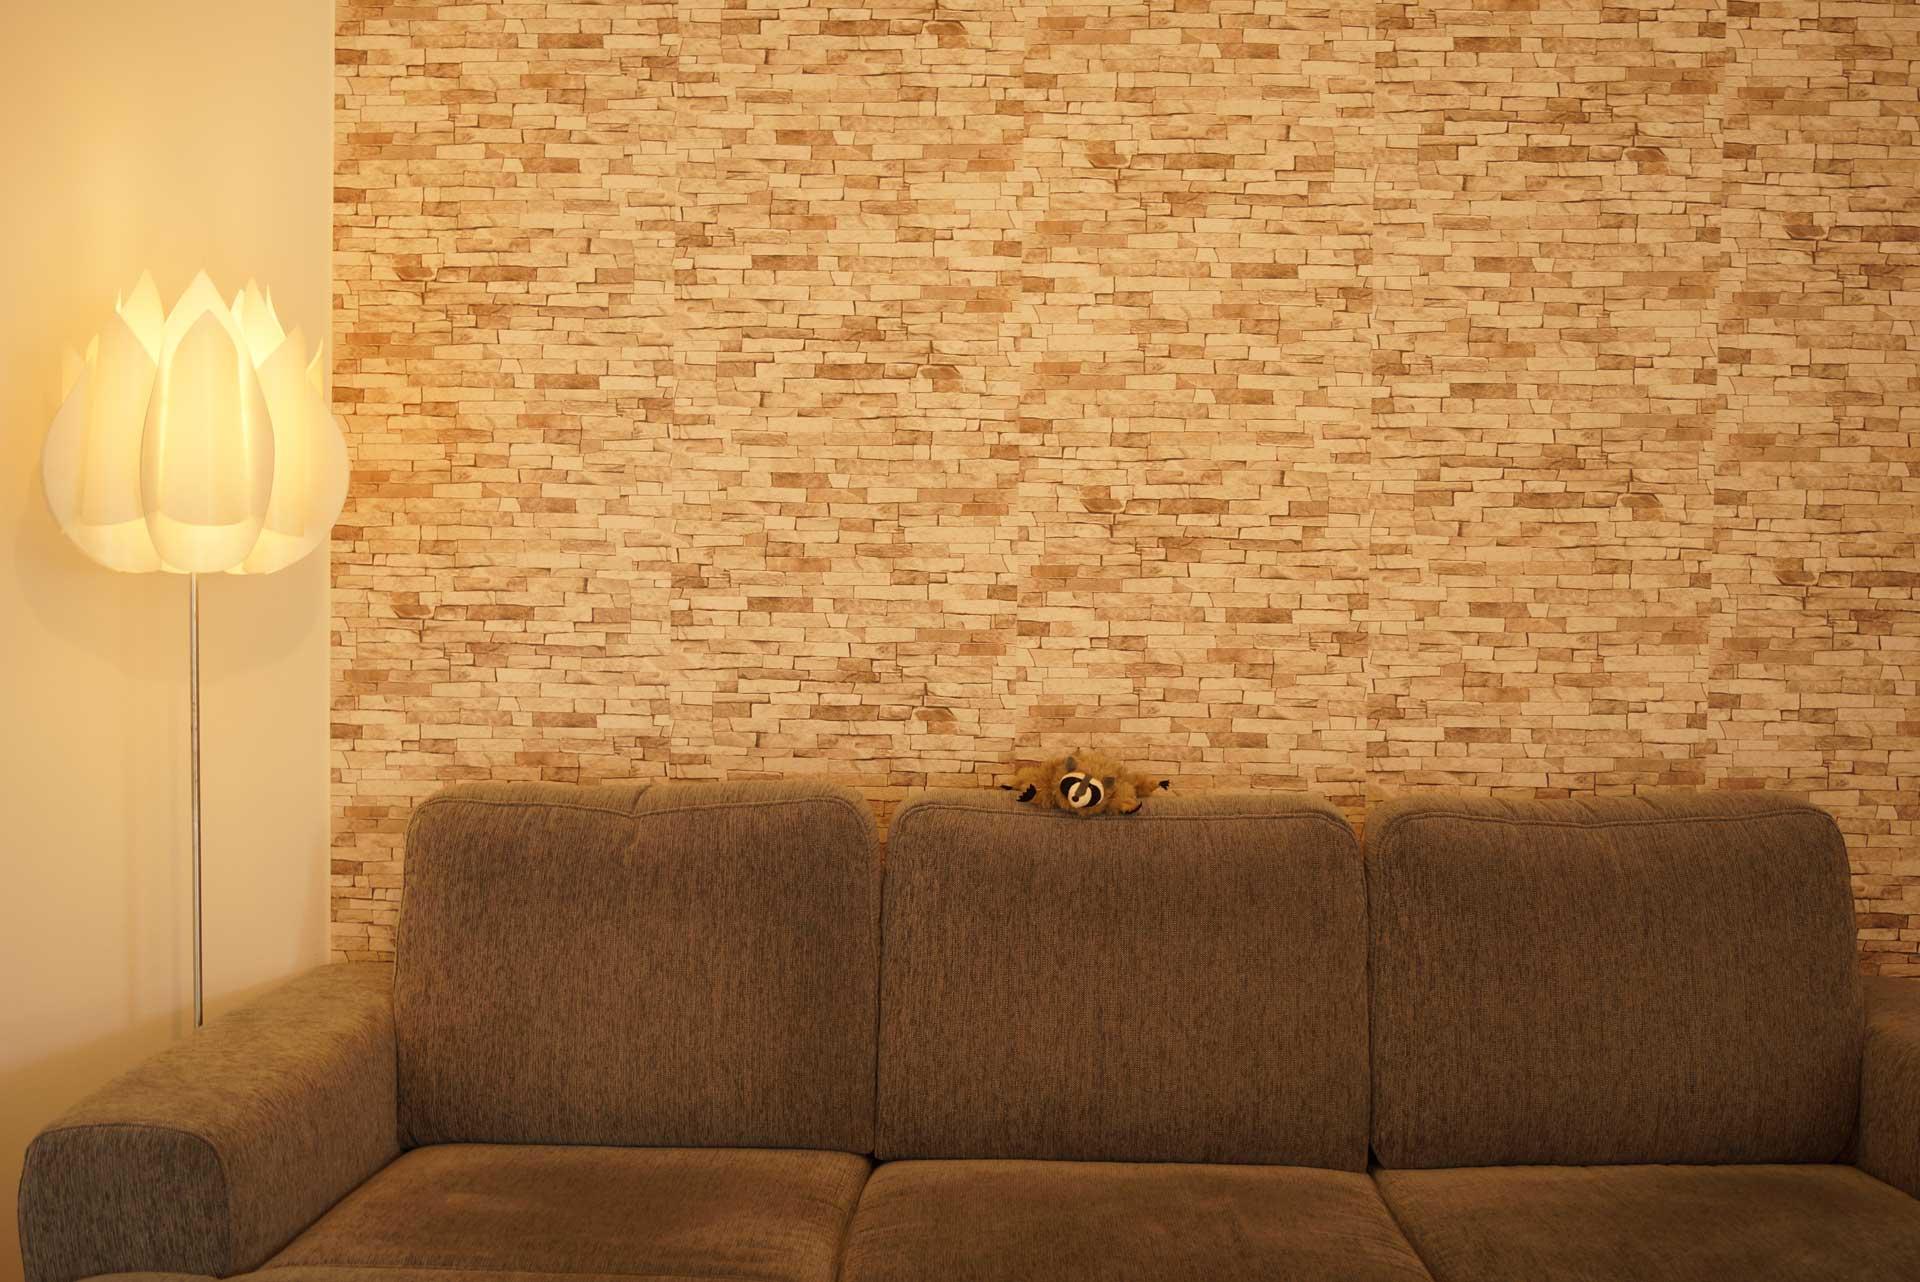 Hintergrund-Sofa-06